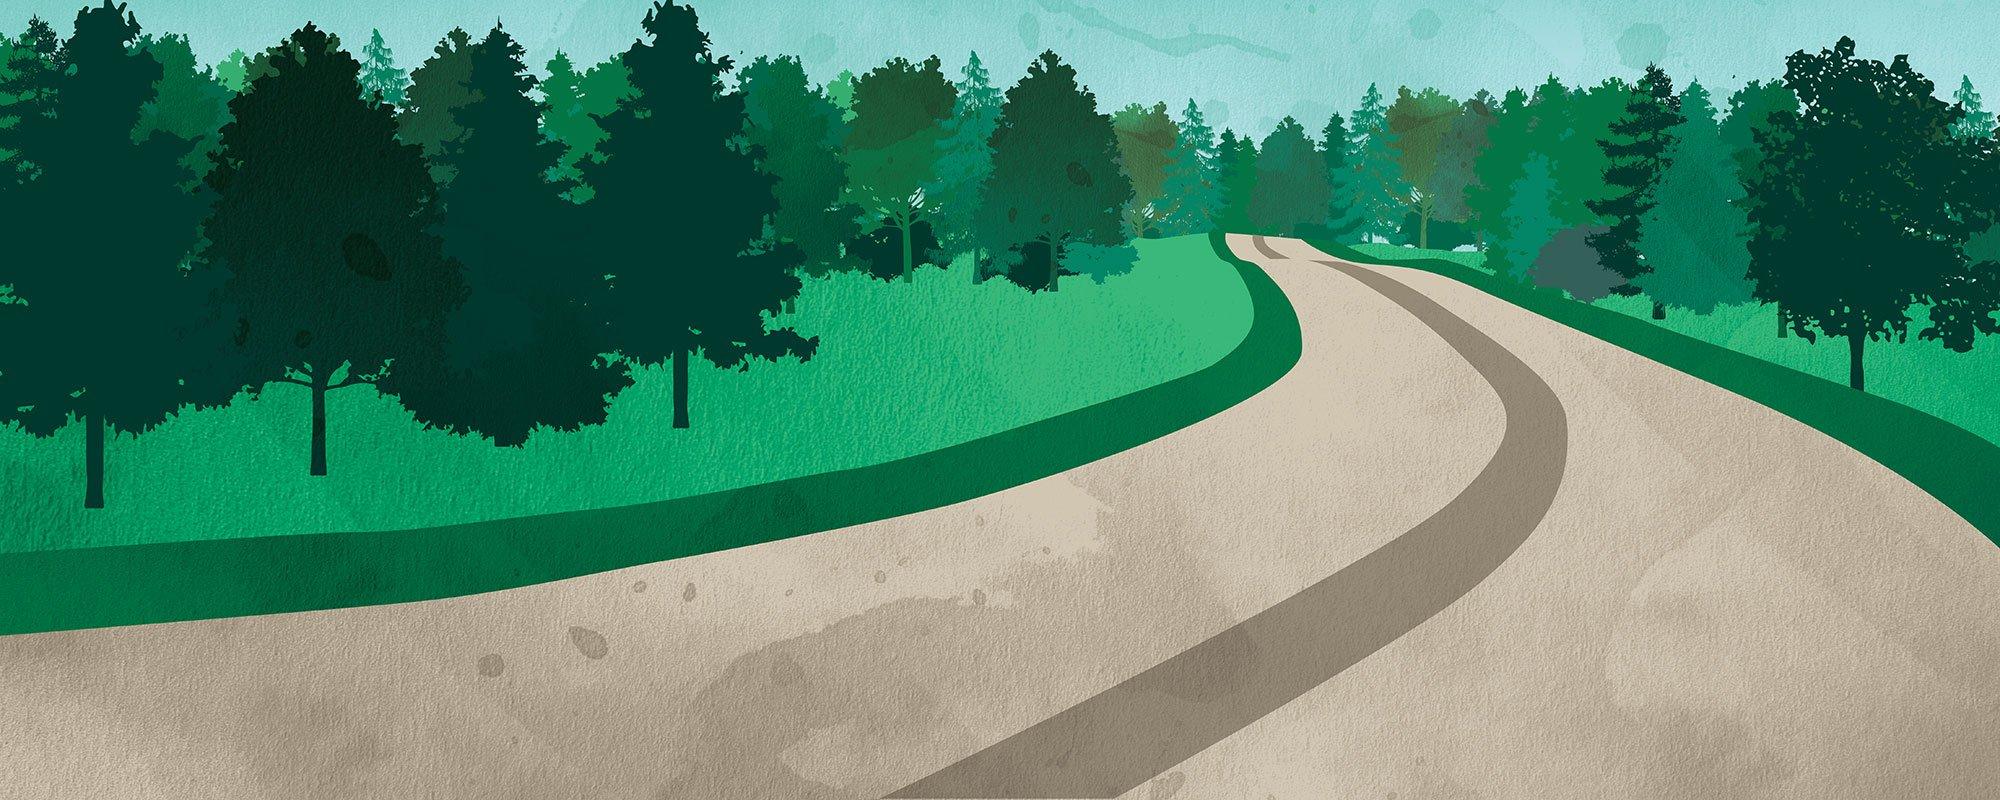 Tie ja metsä, kuvituskuva.